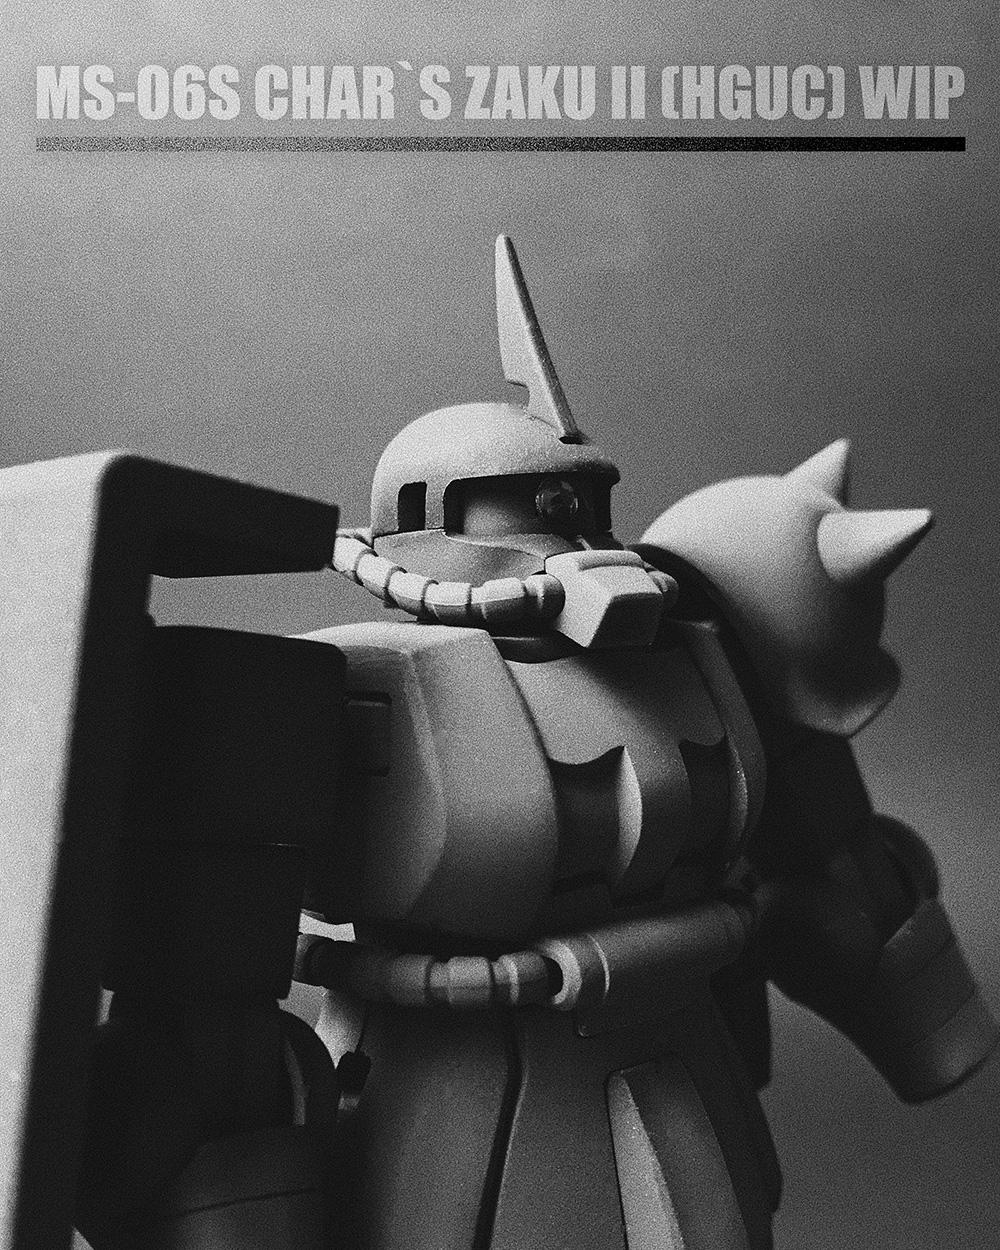 HG-Zaku-1.jpg